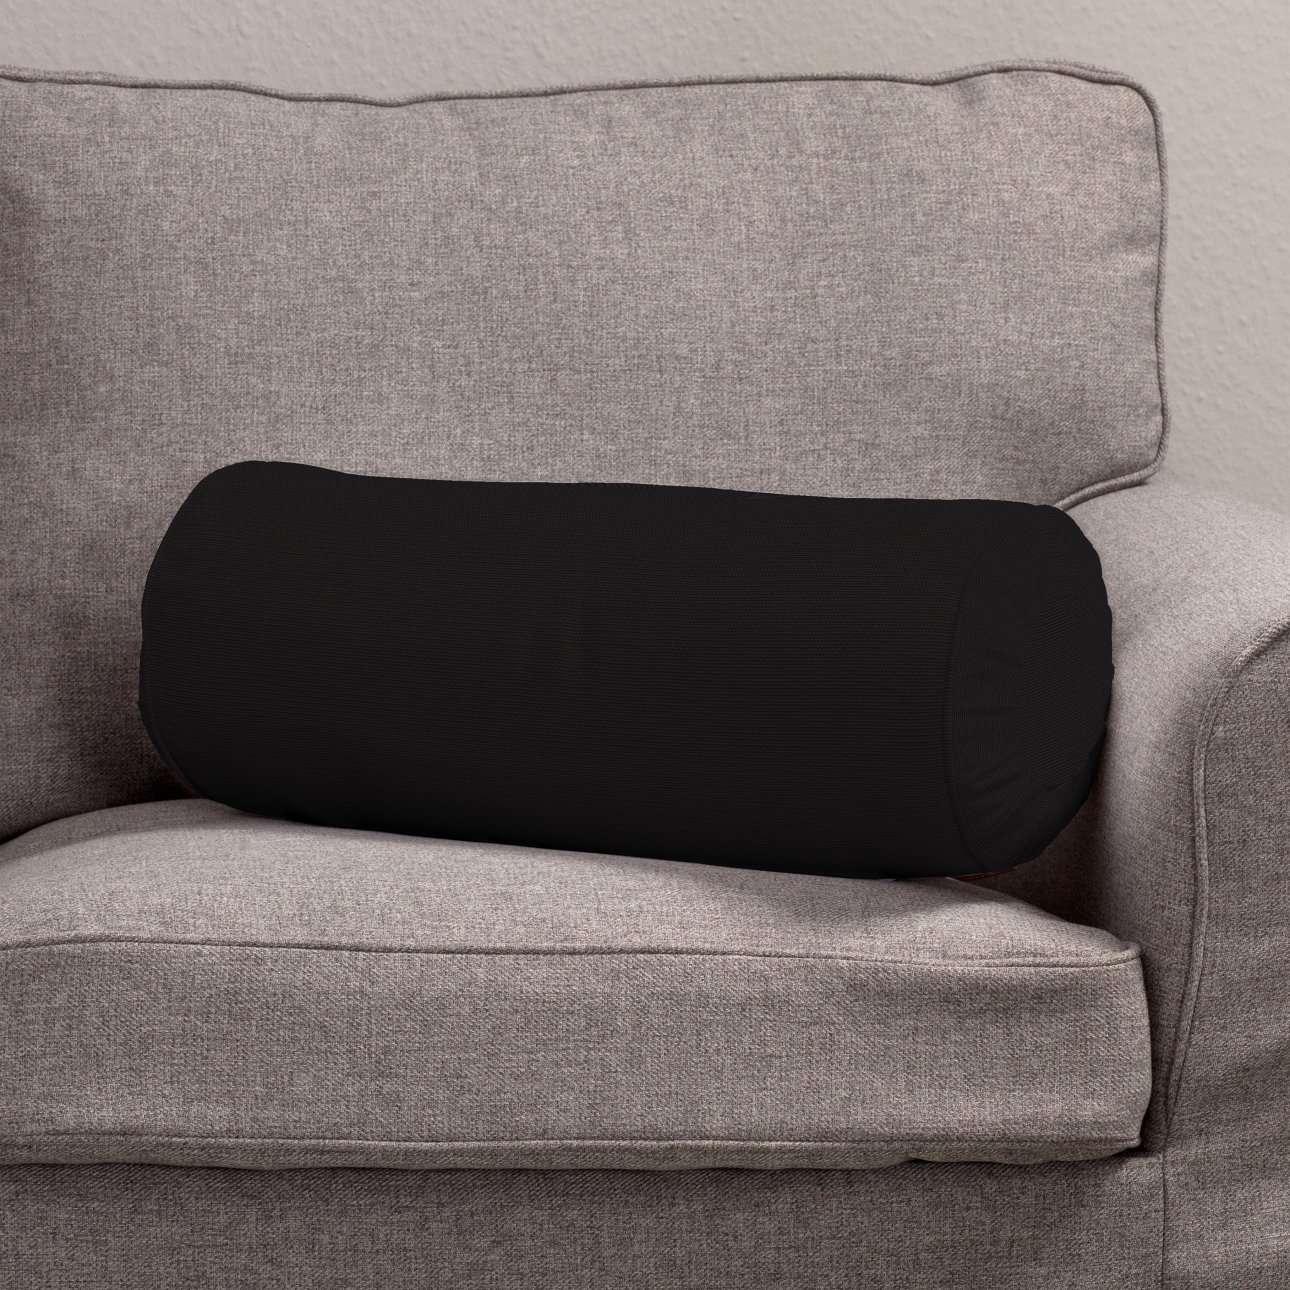 Poduszka wałek z zakładkami Ø 20 x 50 cm w kolekcji Cotton Panama, tkanina: 702-09